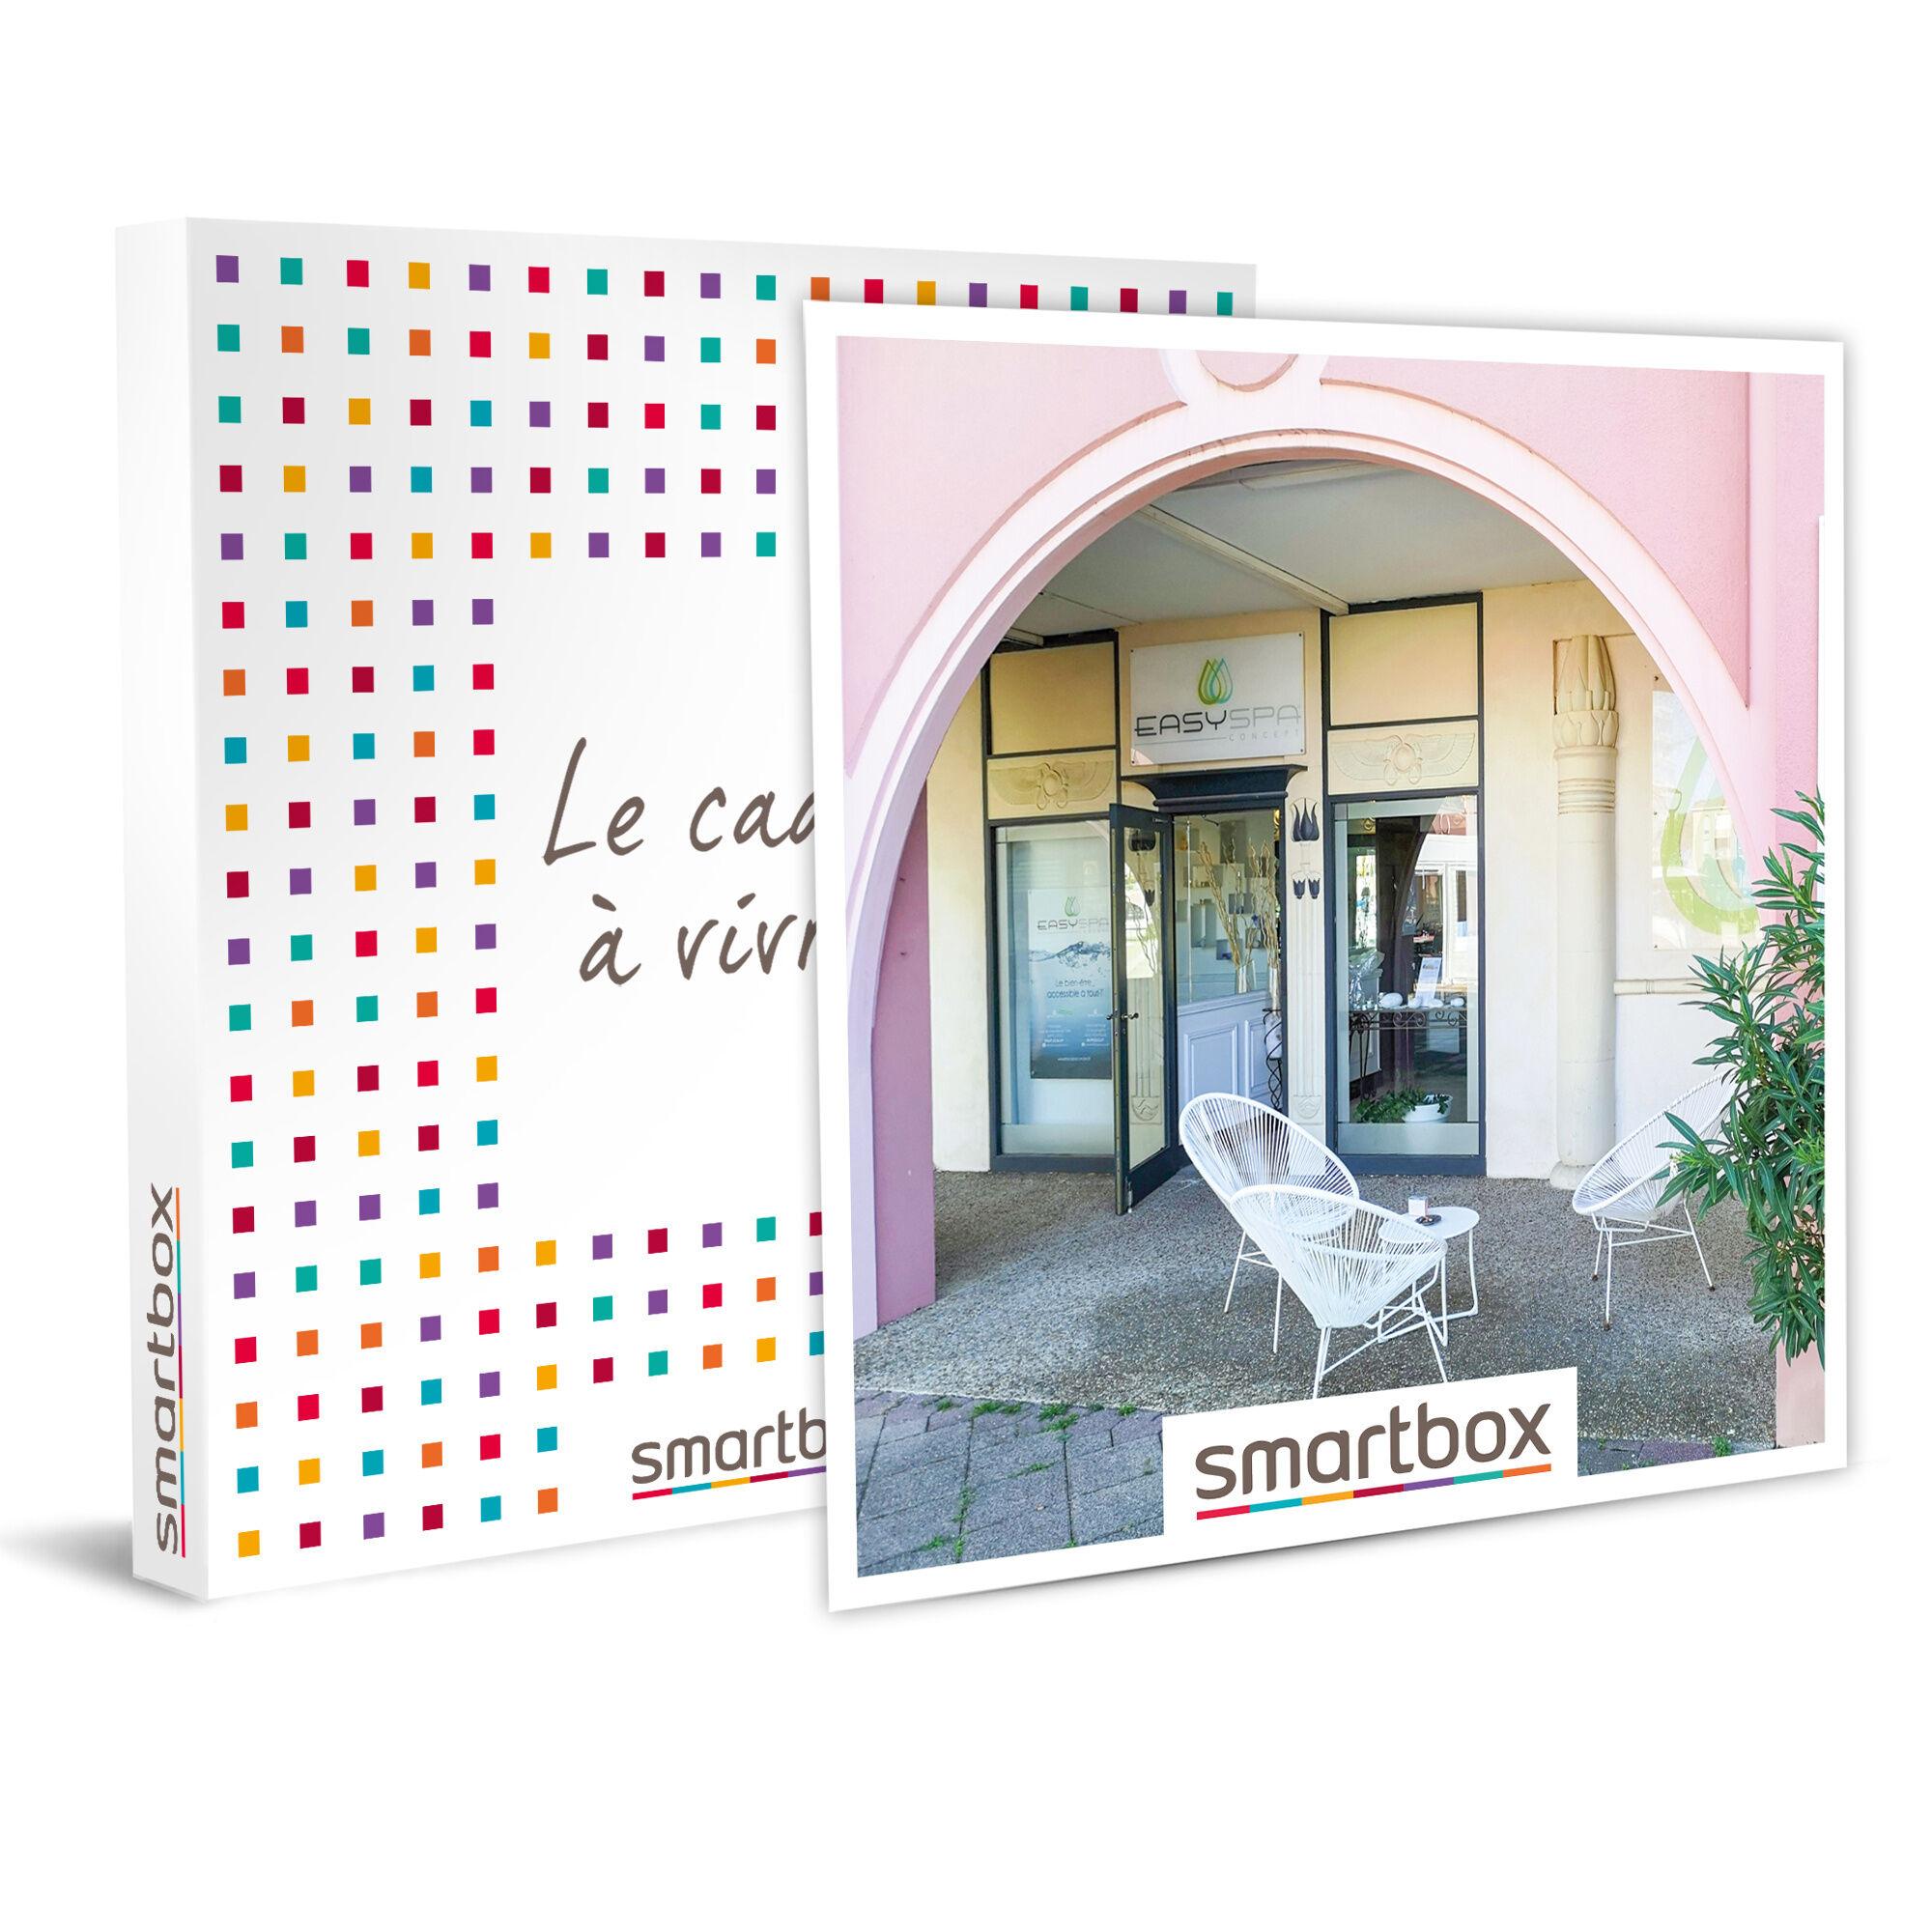 Smartbox Demi-journée bien-être pour 2 avec modelage et repas grâce à Easy Spa Concept Coffret cadeau Smartbox